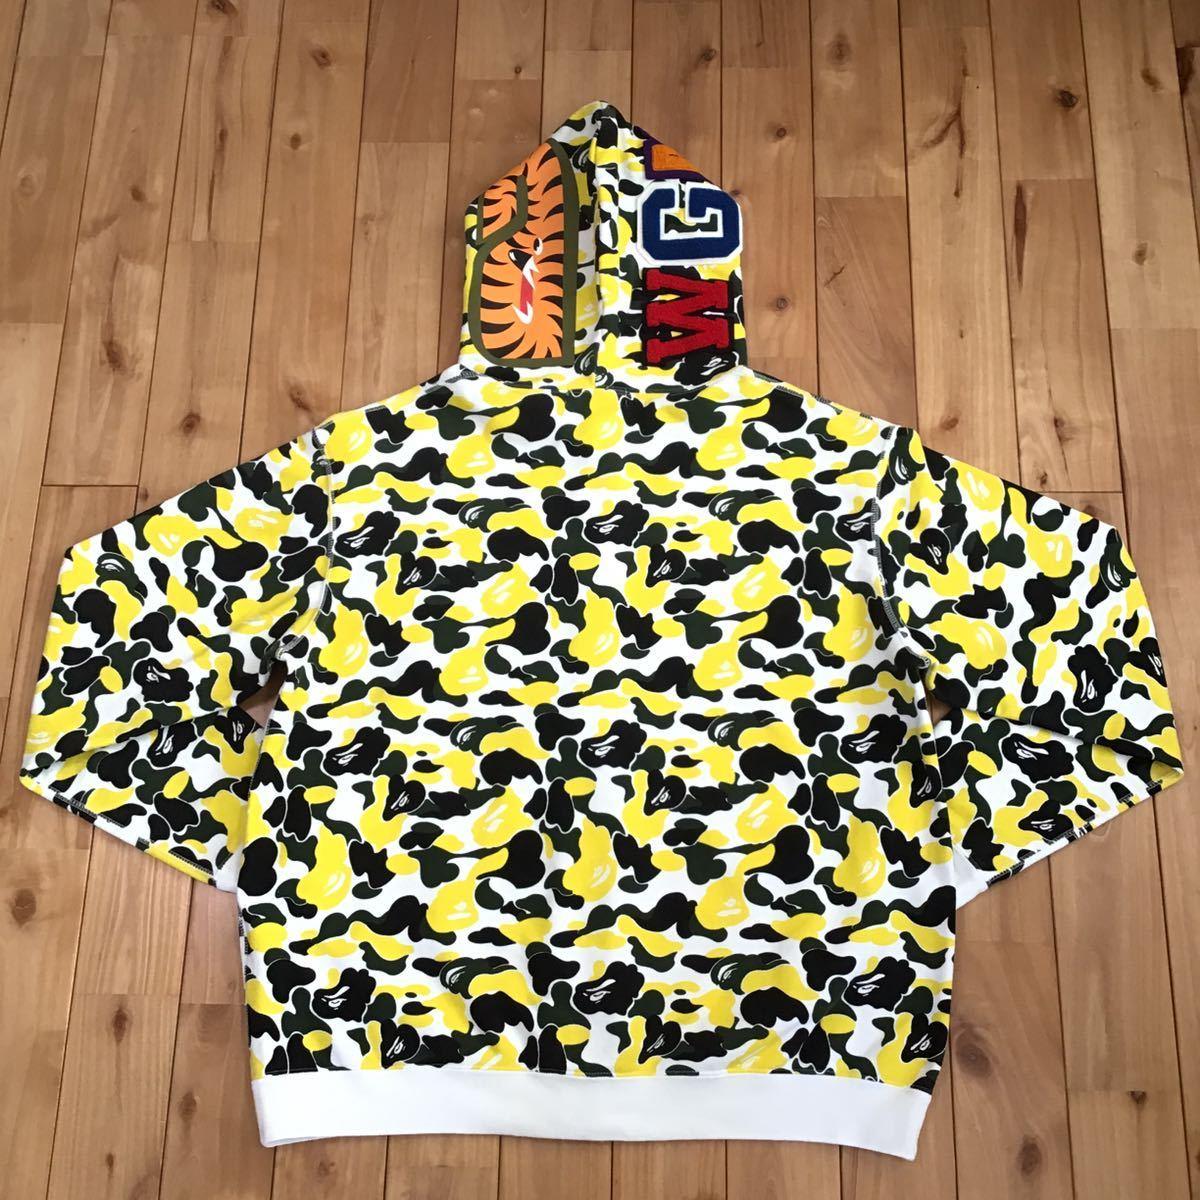 ★熊本限定★ kumamoto city camo シャーク パーカー Lサイズ shark full zip hoodie a bathing ape BAPE エイプ ベイプ 都市限定 迷彩